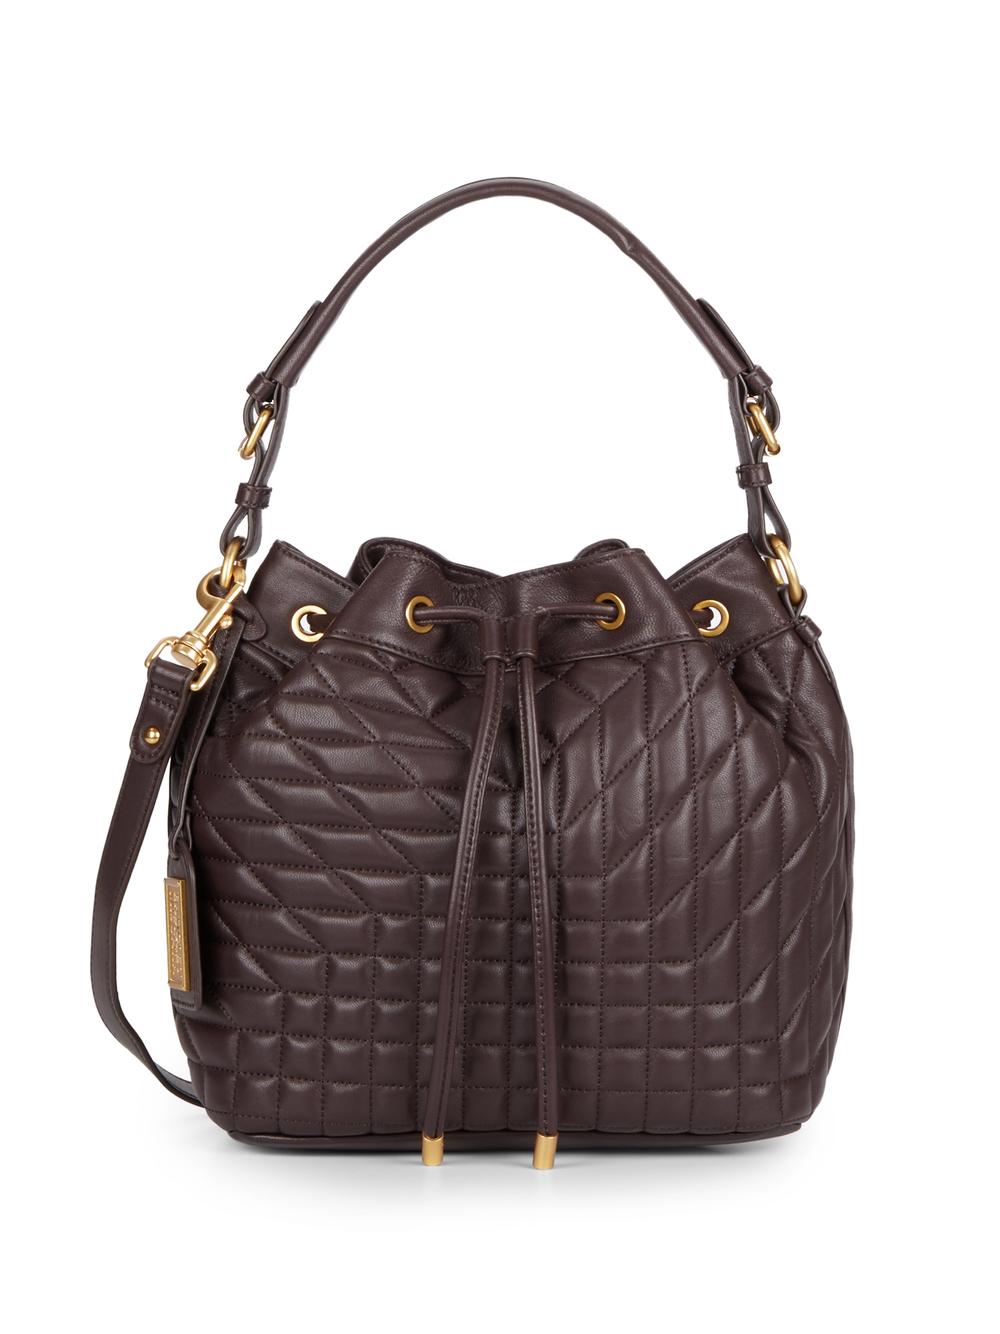 Handbags-054.JPG